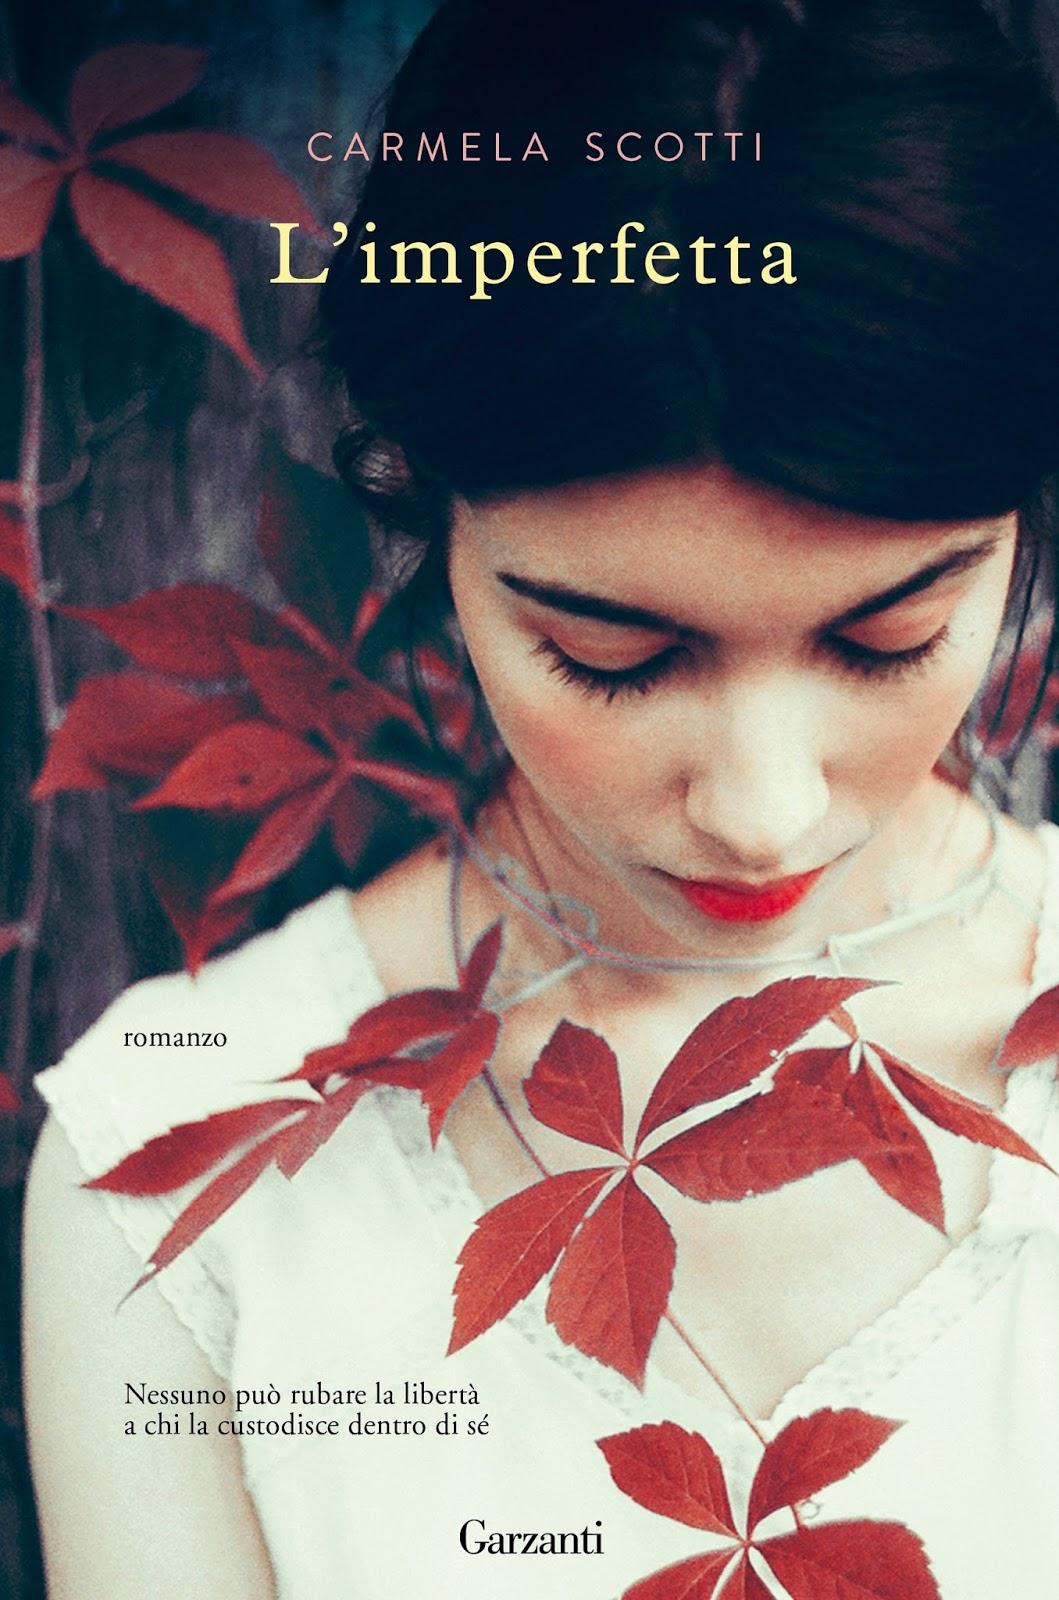 L'imperfetta